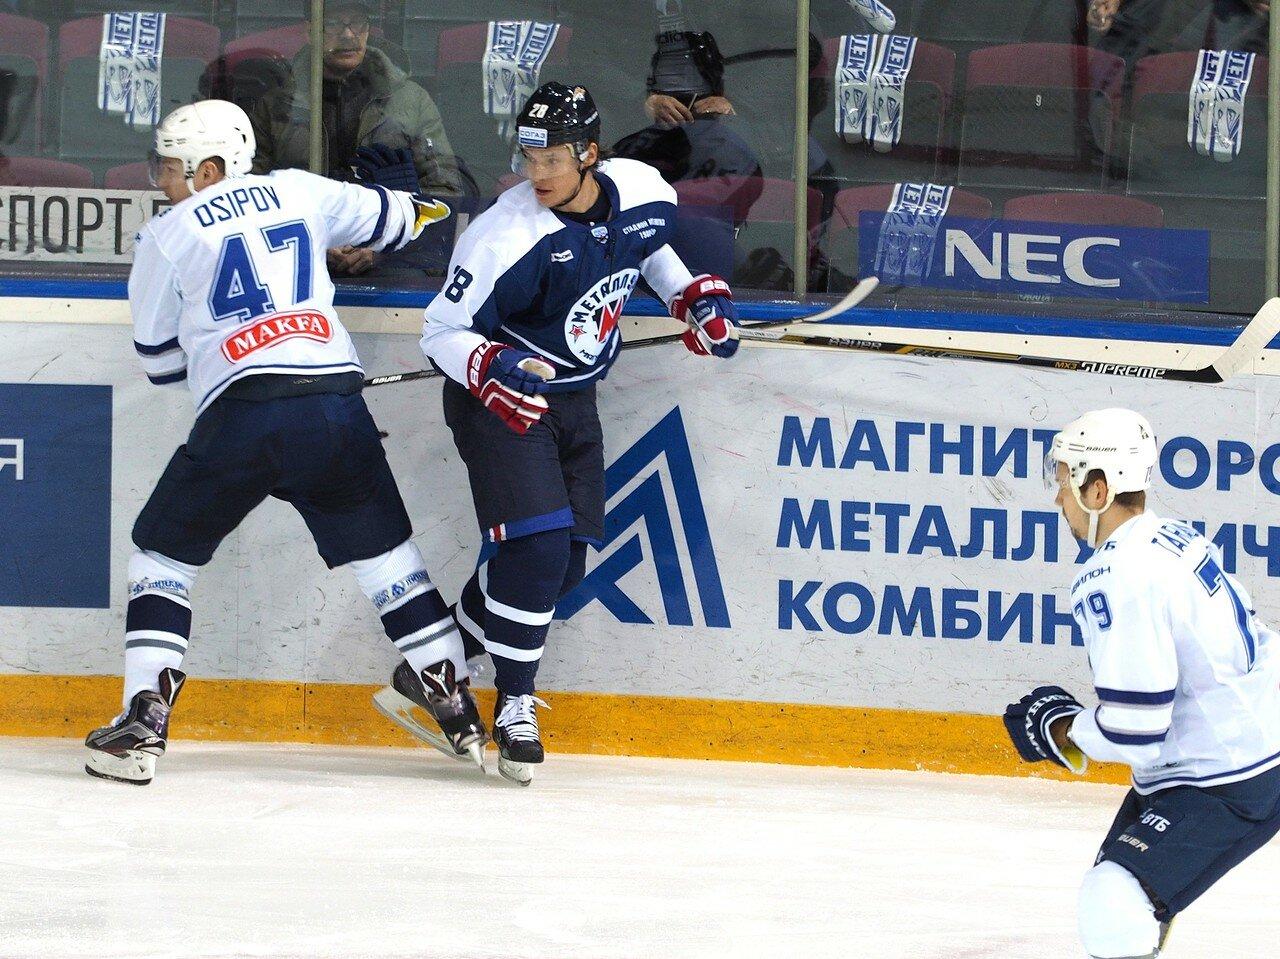 55Металлург - Динамо Москва 28.12.2015